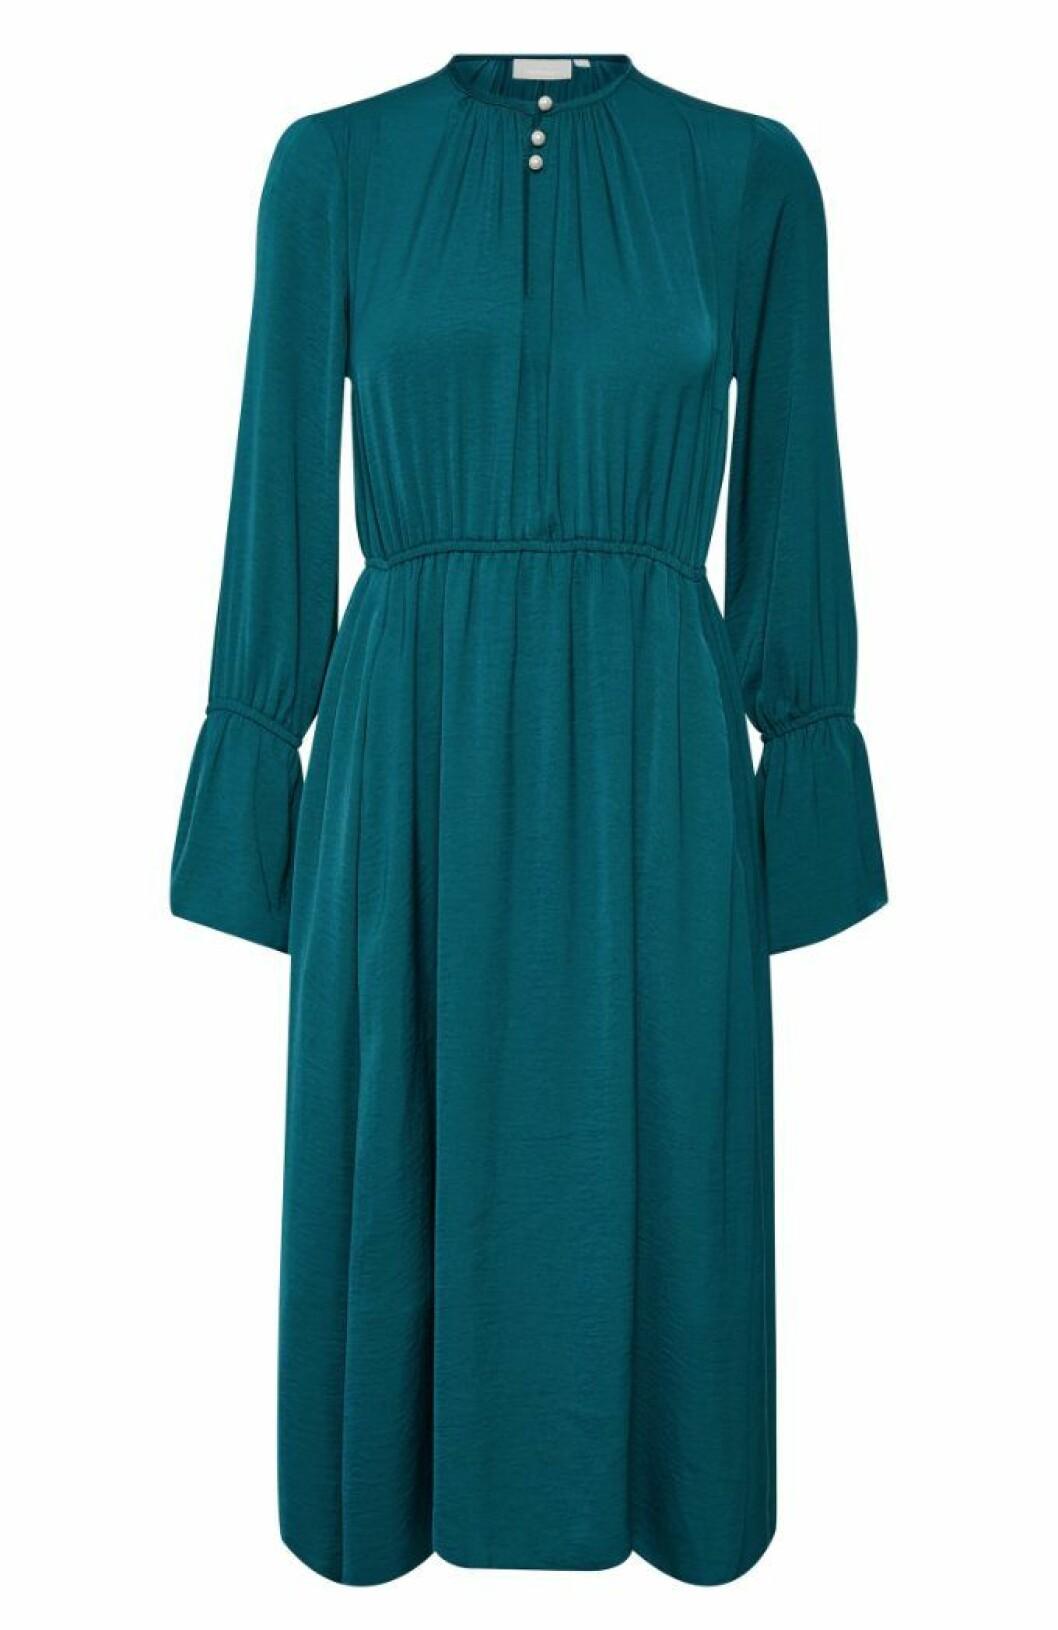 klänning-petrol-inwear